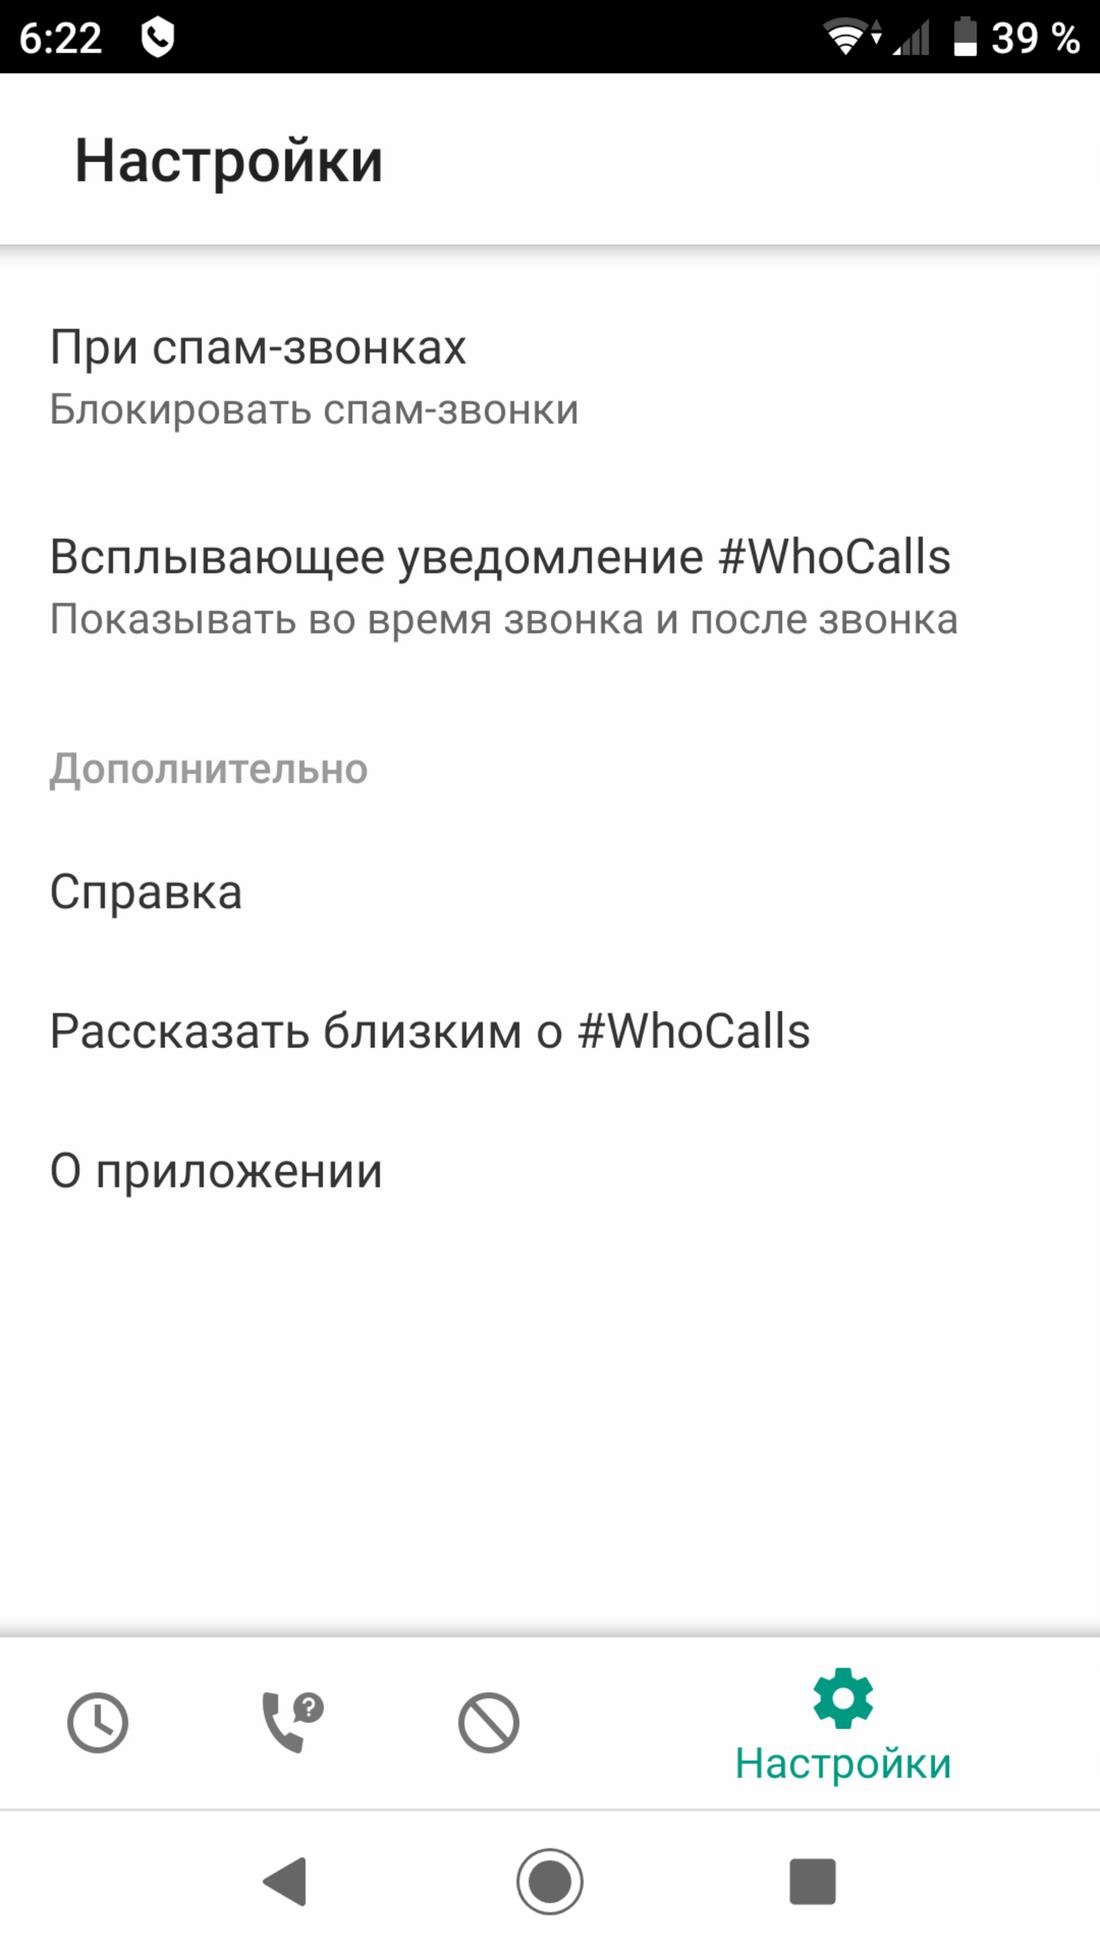 Скриншот #4 из программы Kaspersky Who Calls: Определитель номера